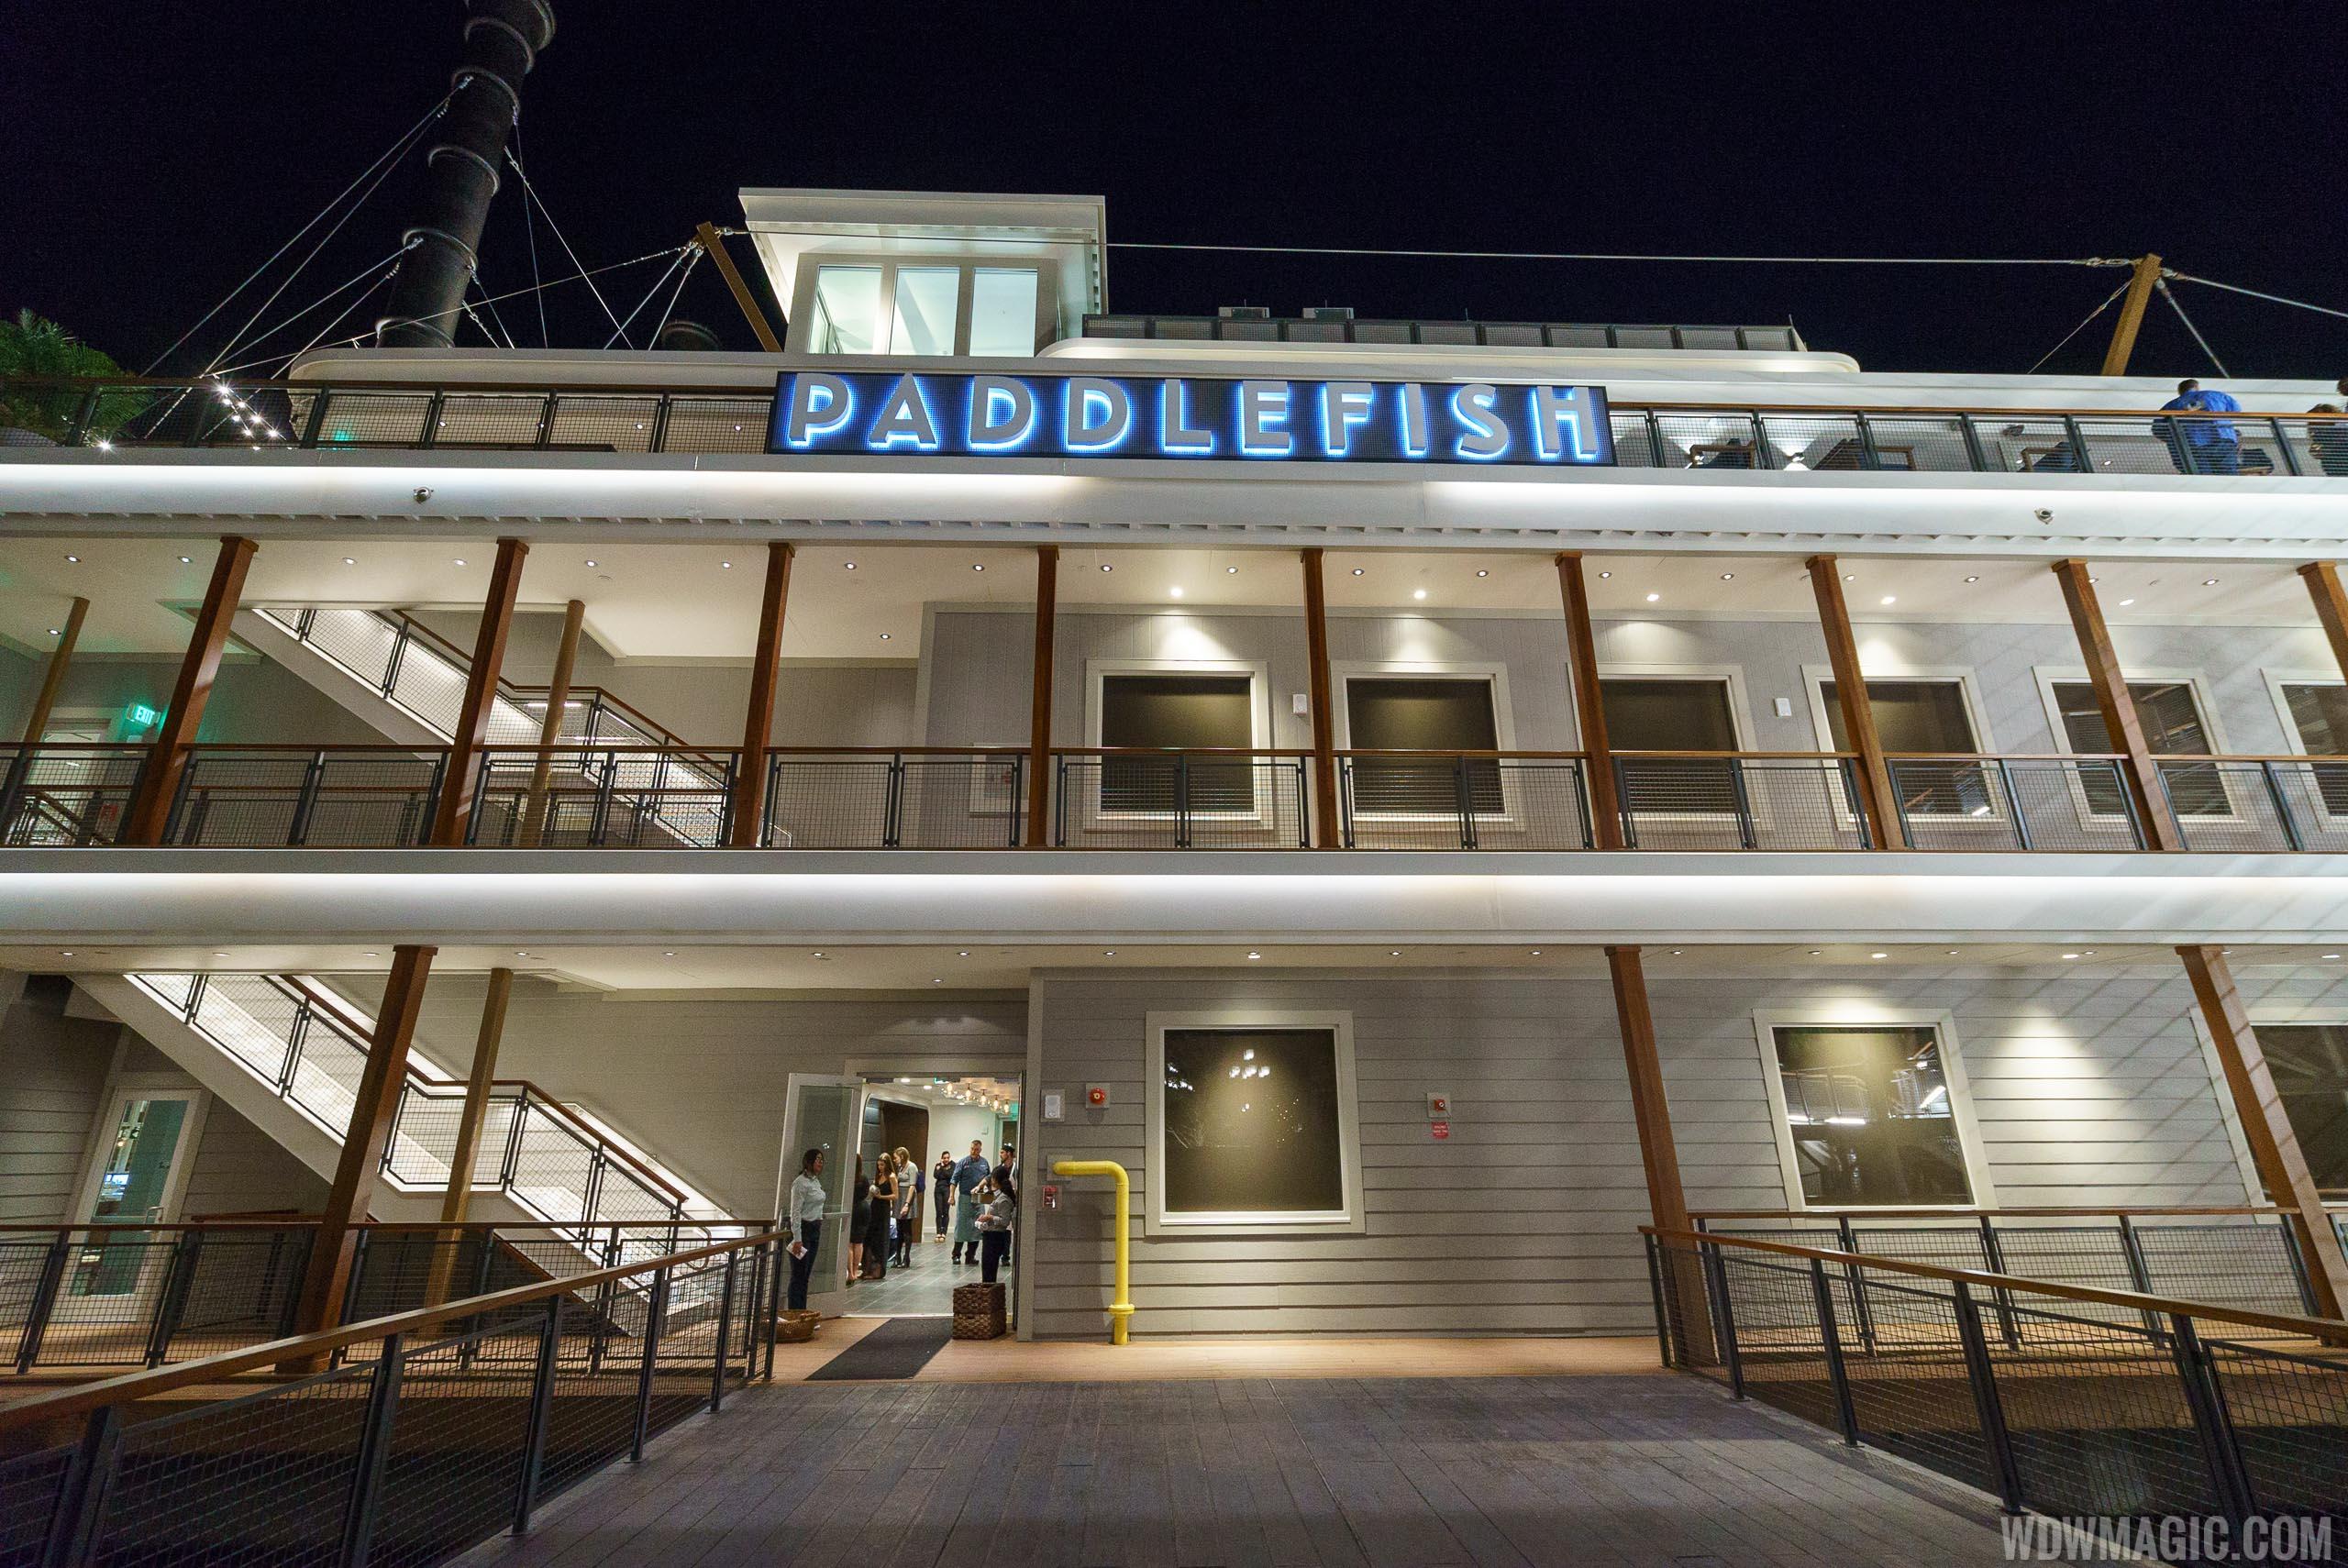 Paddlefish - Main entrance